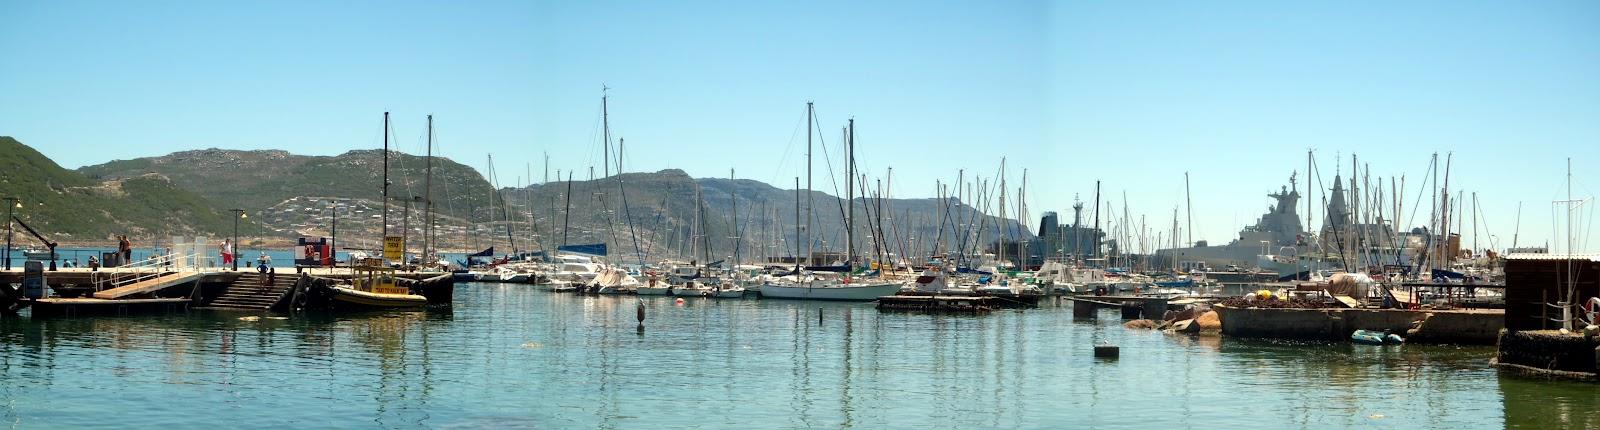 Vue du port de Simon's Town